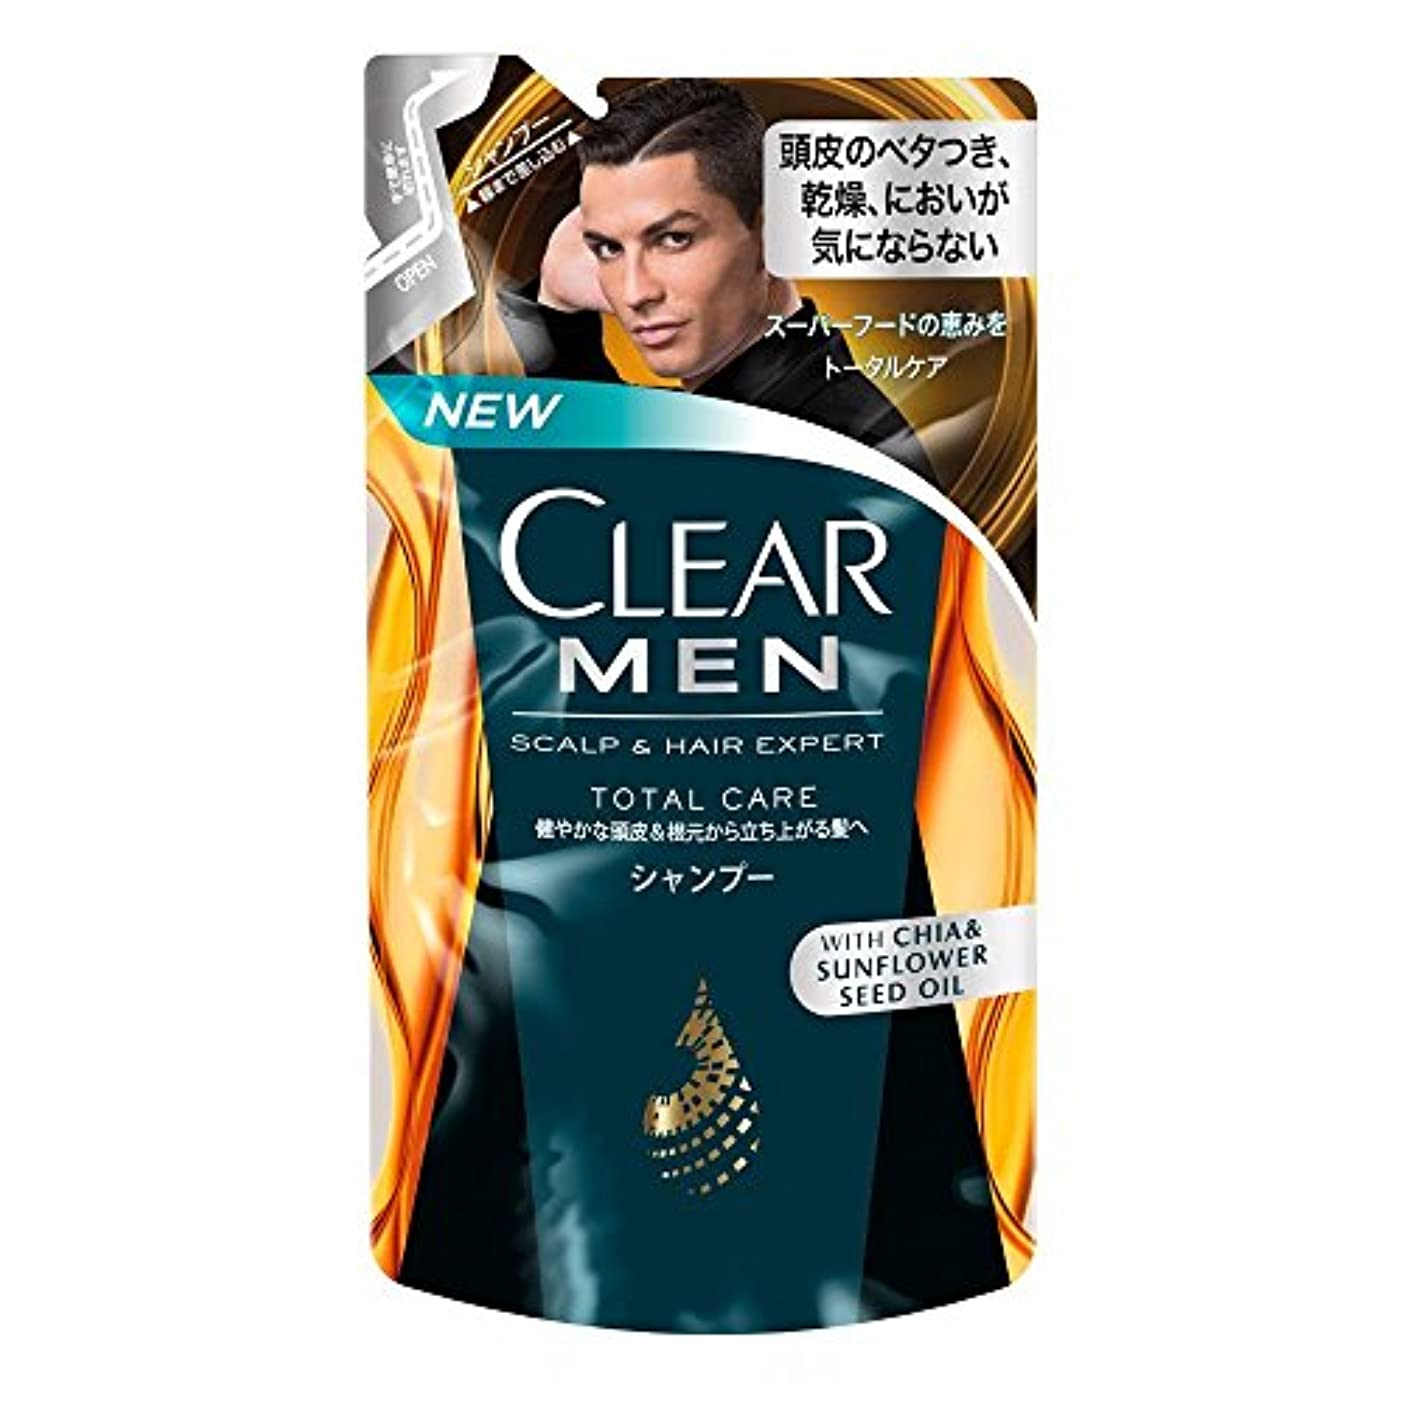 ドルよろしく休戦クリア フォーメン トータルケア 男性用シャンプー つめかえ用 (健やかな頭皮へ) 280g × 3個